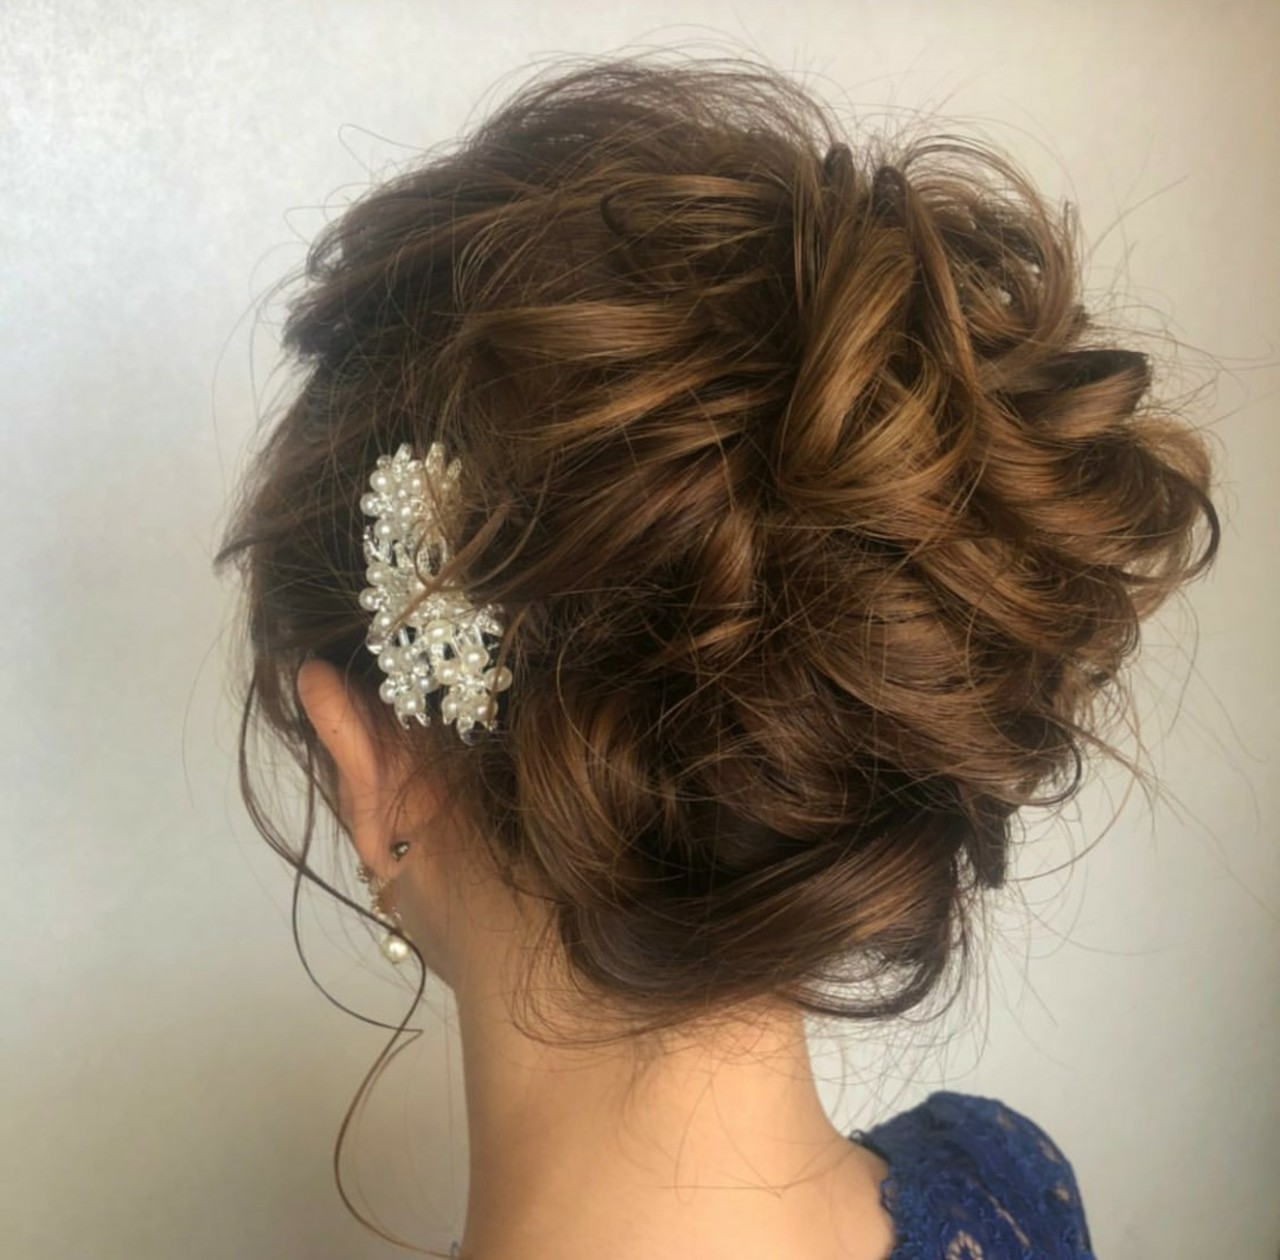 編み込みヘア 結婚式髪型 ヘアセット ナチュラル ヘアスタイルや髪型の写真・画像